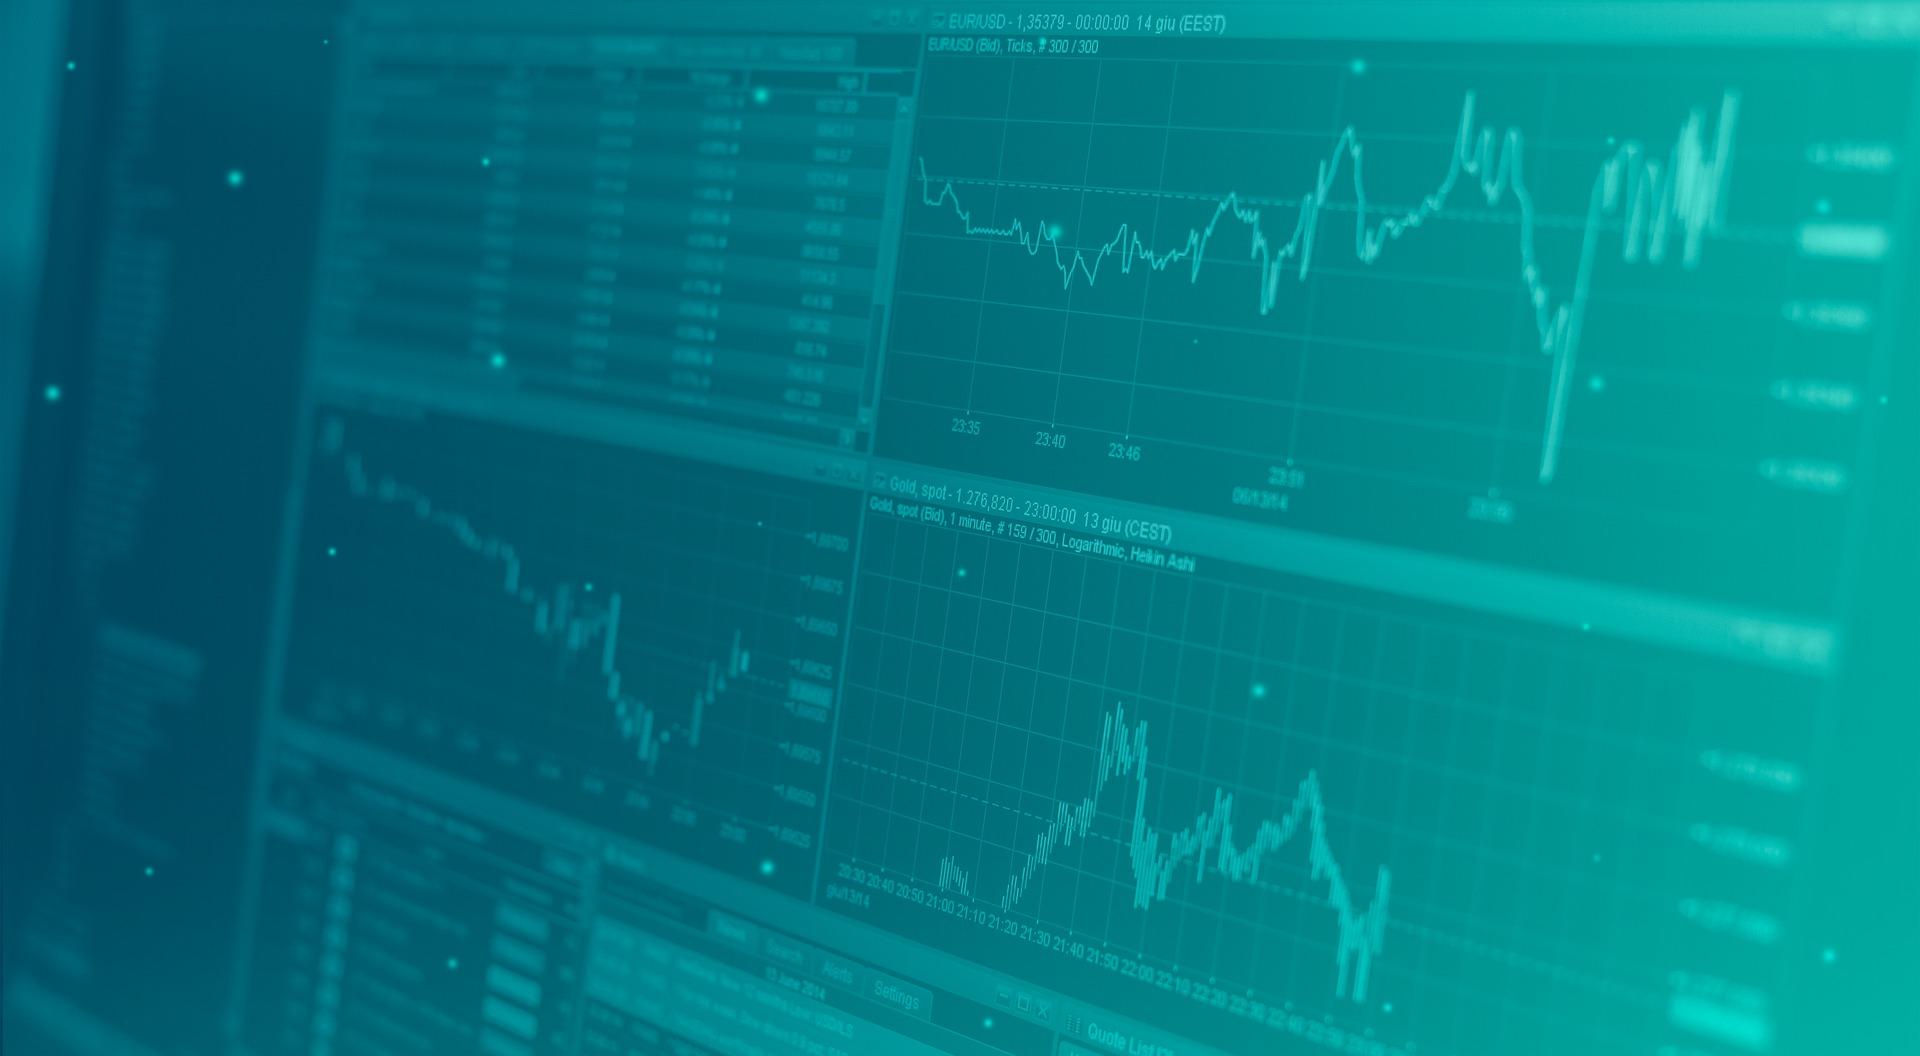 Titelbild zum Aktienkauf